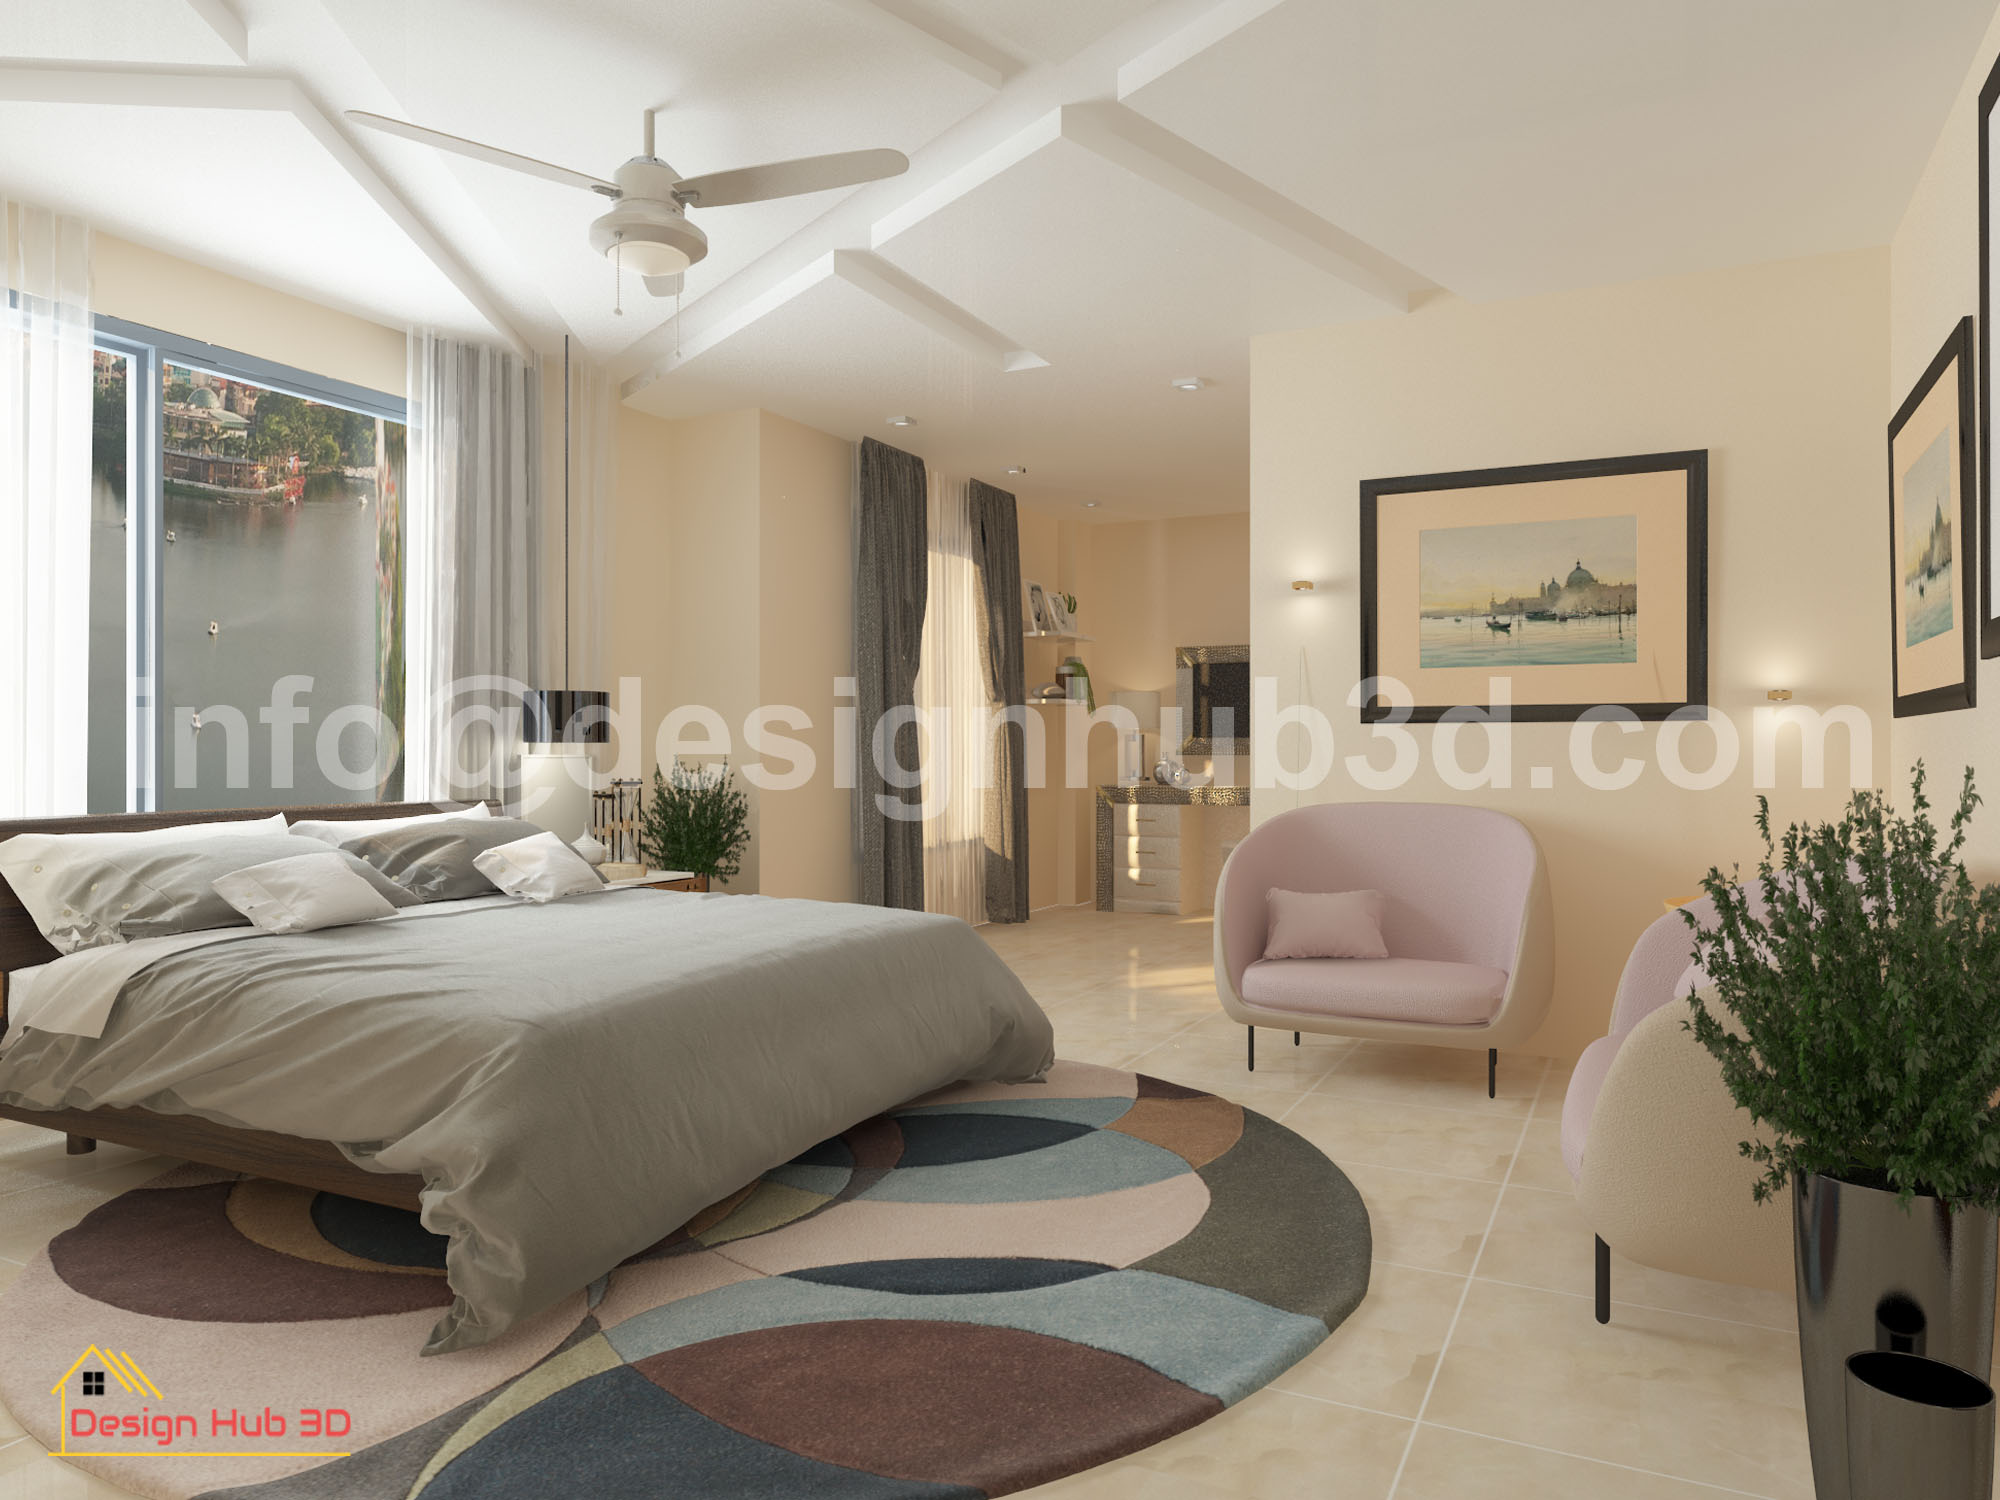 Design Hub 3D - Master Bed interior